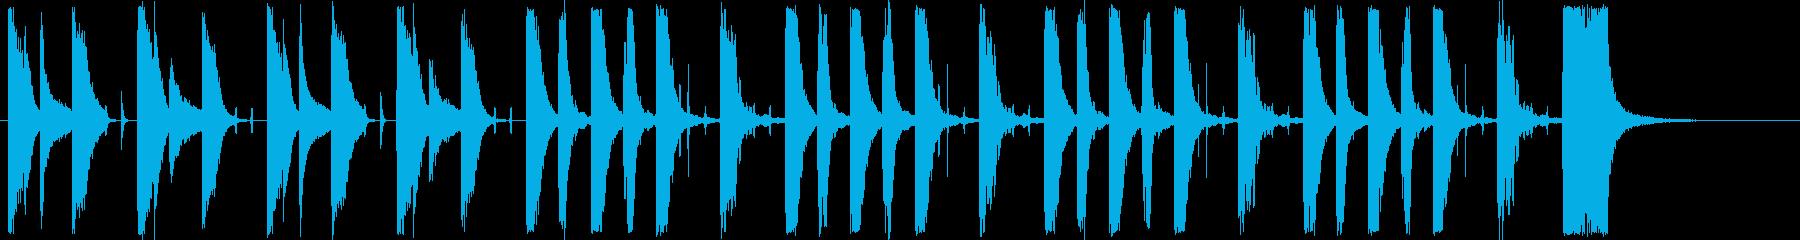 辺りを探るショートミュージックの再生済みの波形